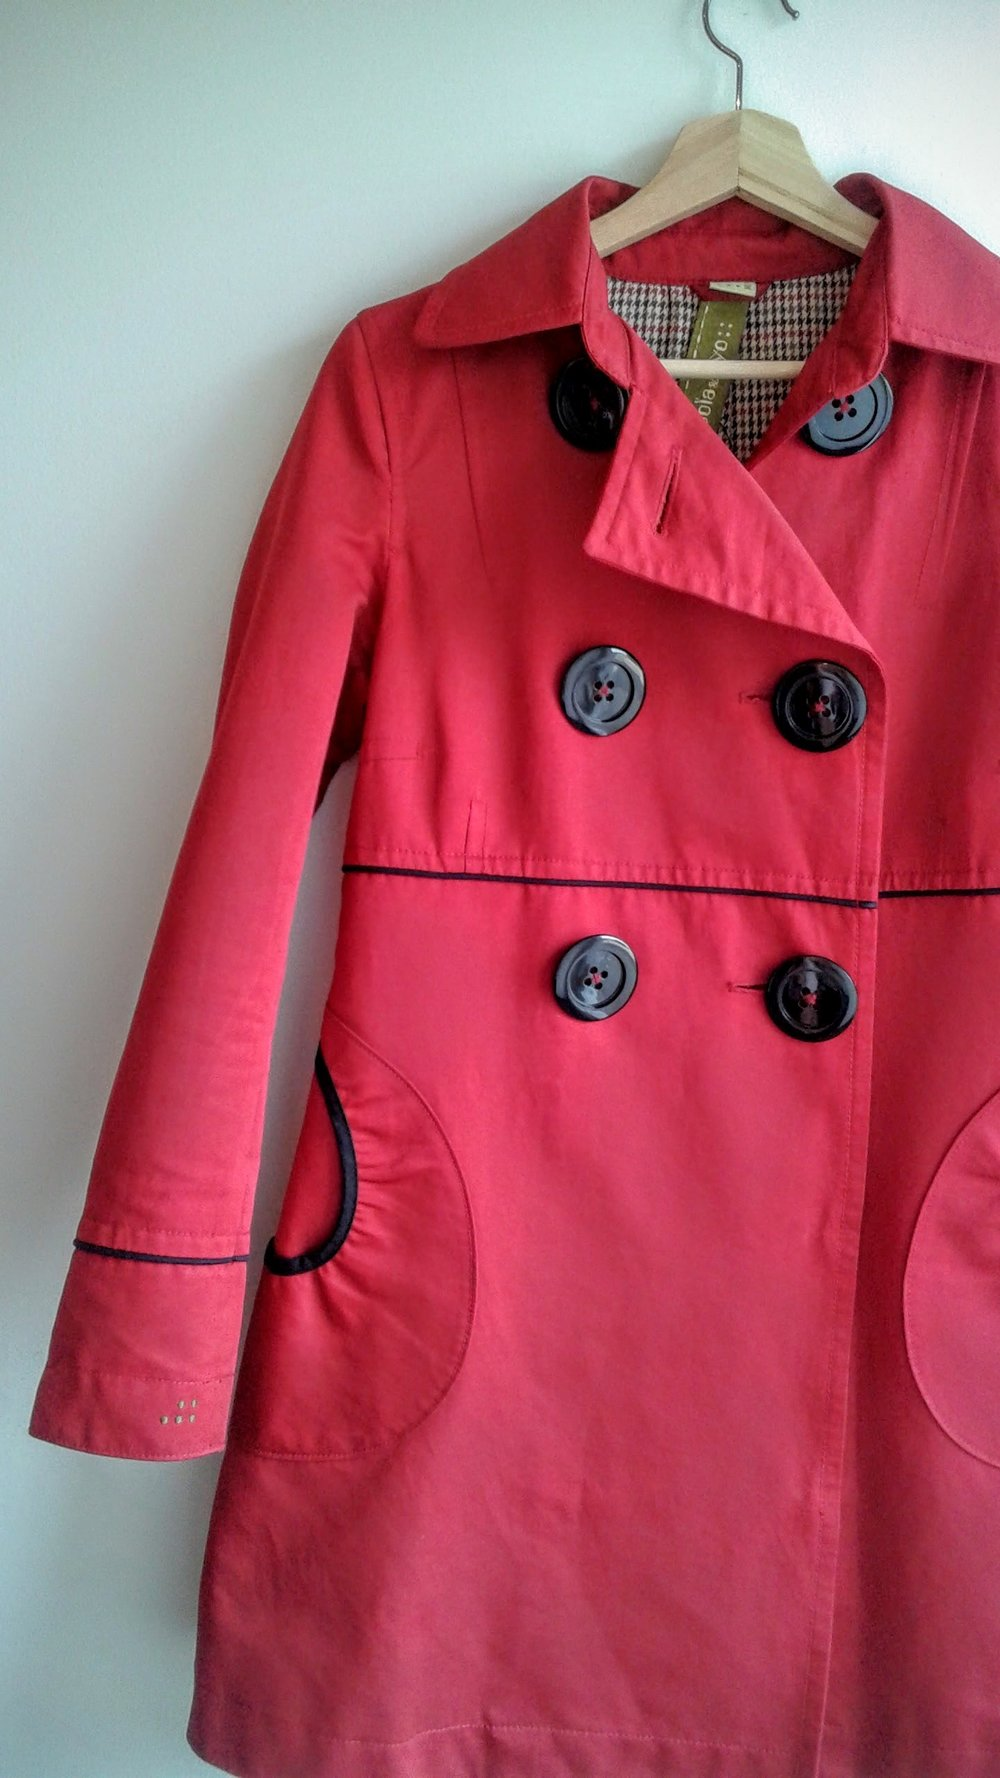 Soïa &Kyo jacket; Size M, $82